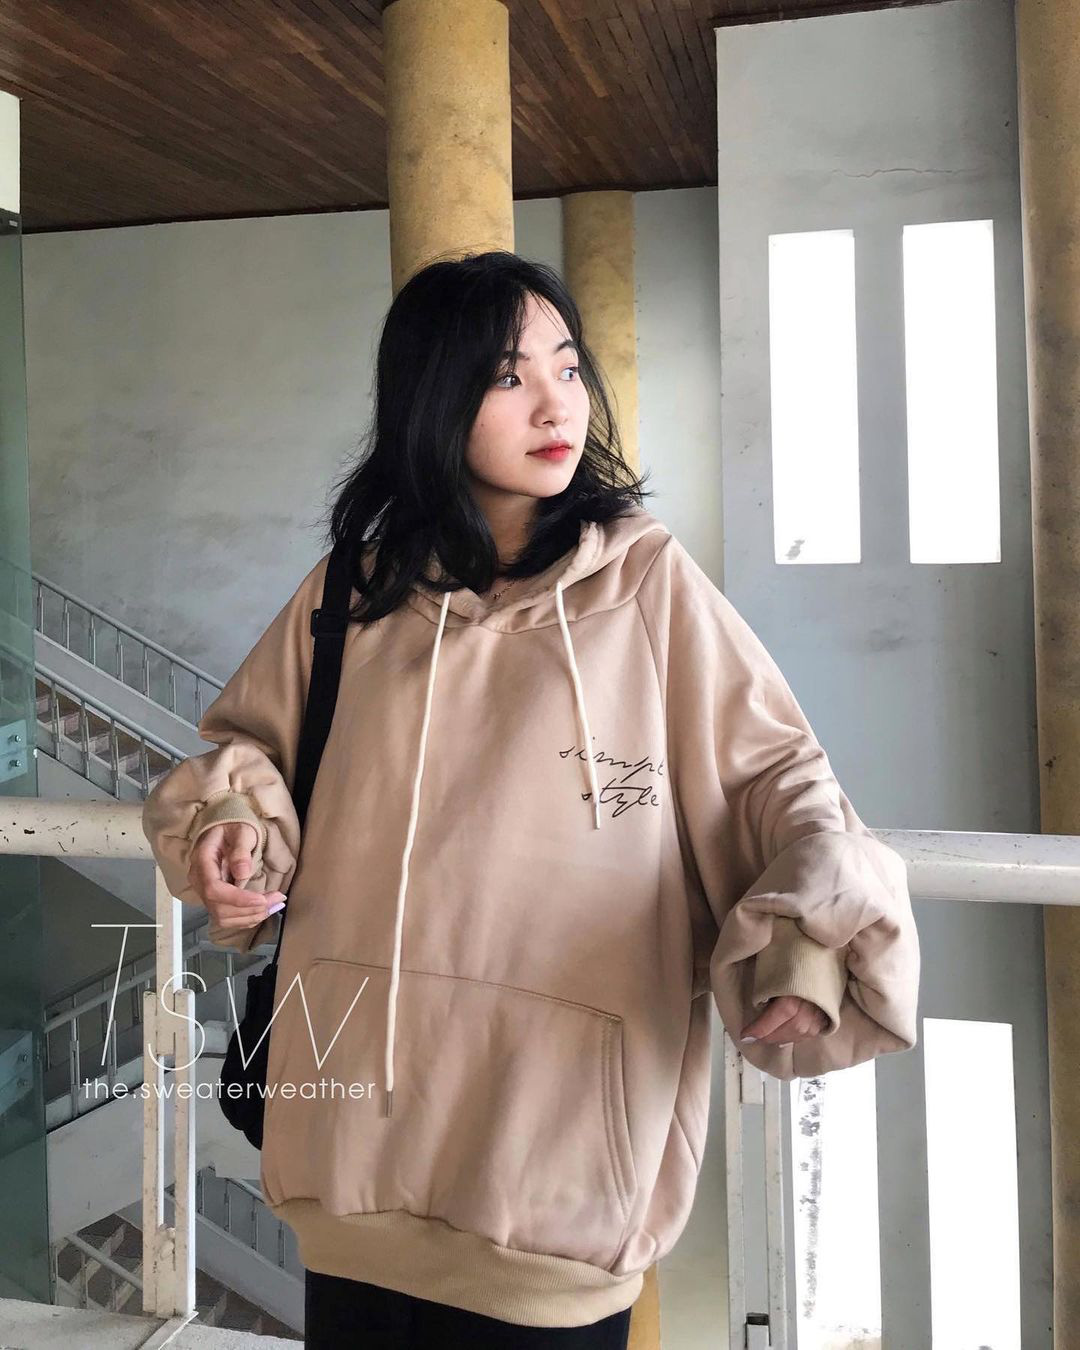 Sắm áo màu be, style của bạn chỉ có thanh lịch như gái Pháp hoặc sang xịn như gái Hàn trở lên - Ảnh 13.